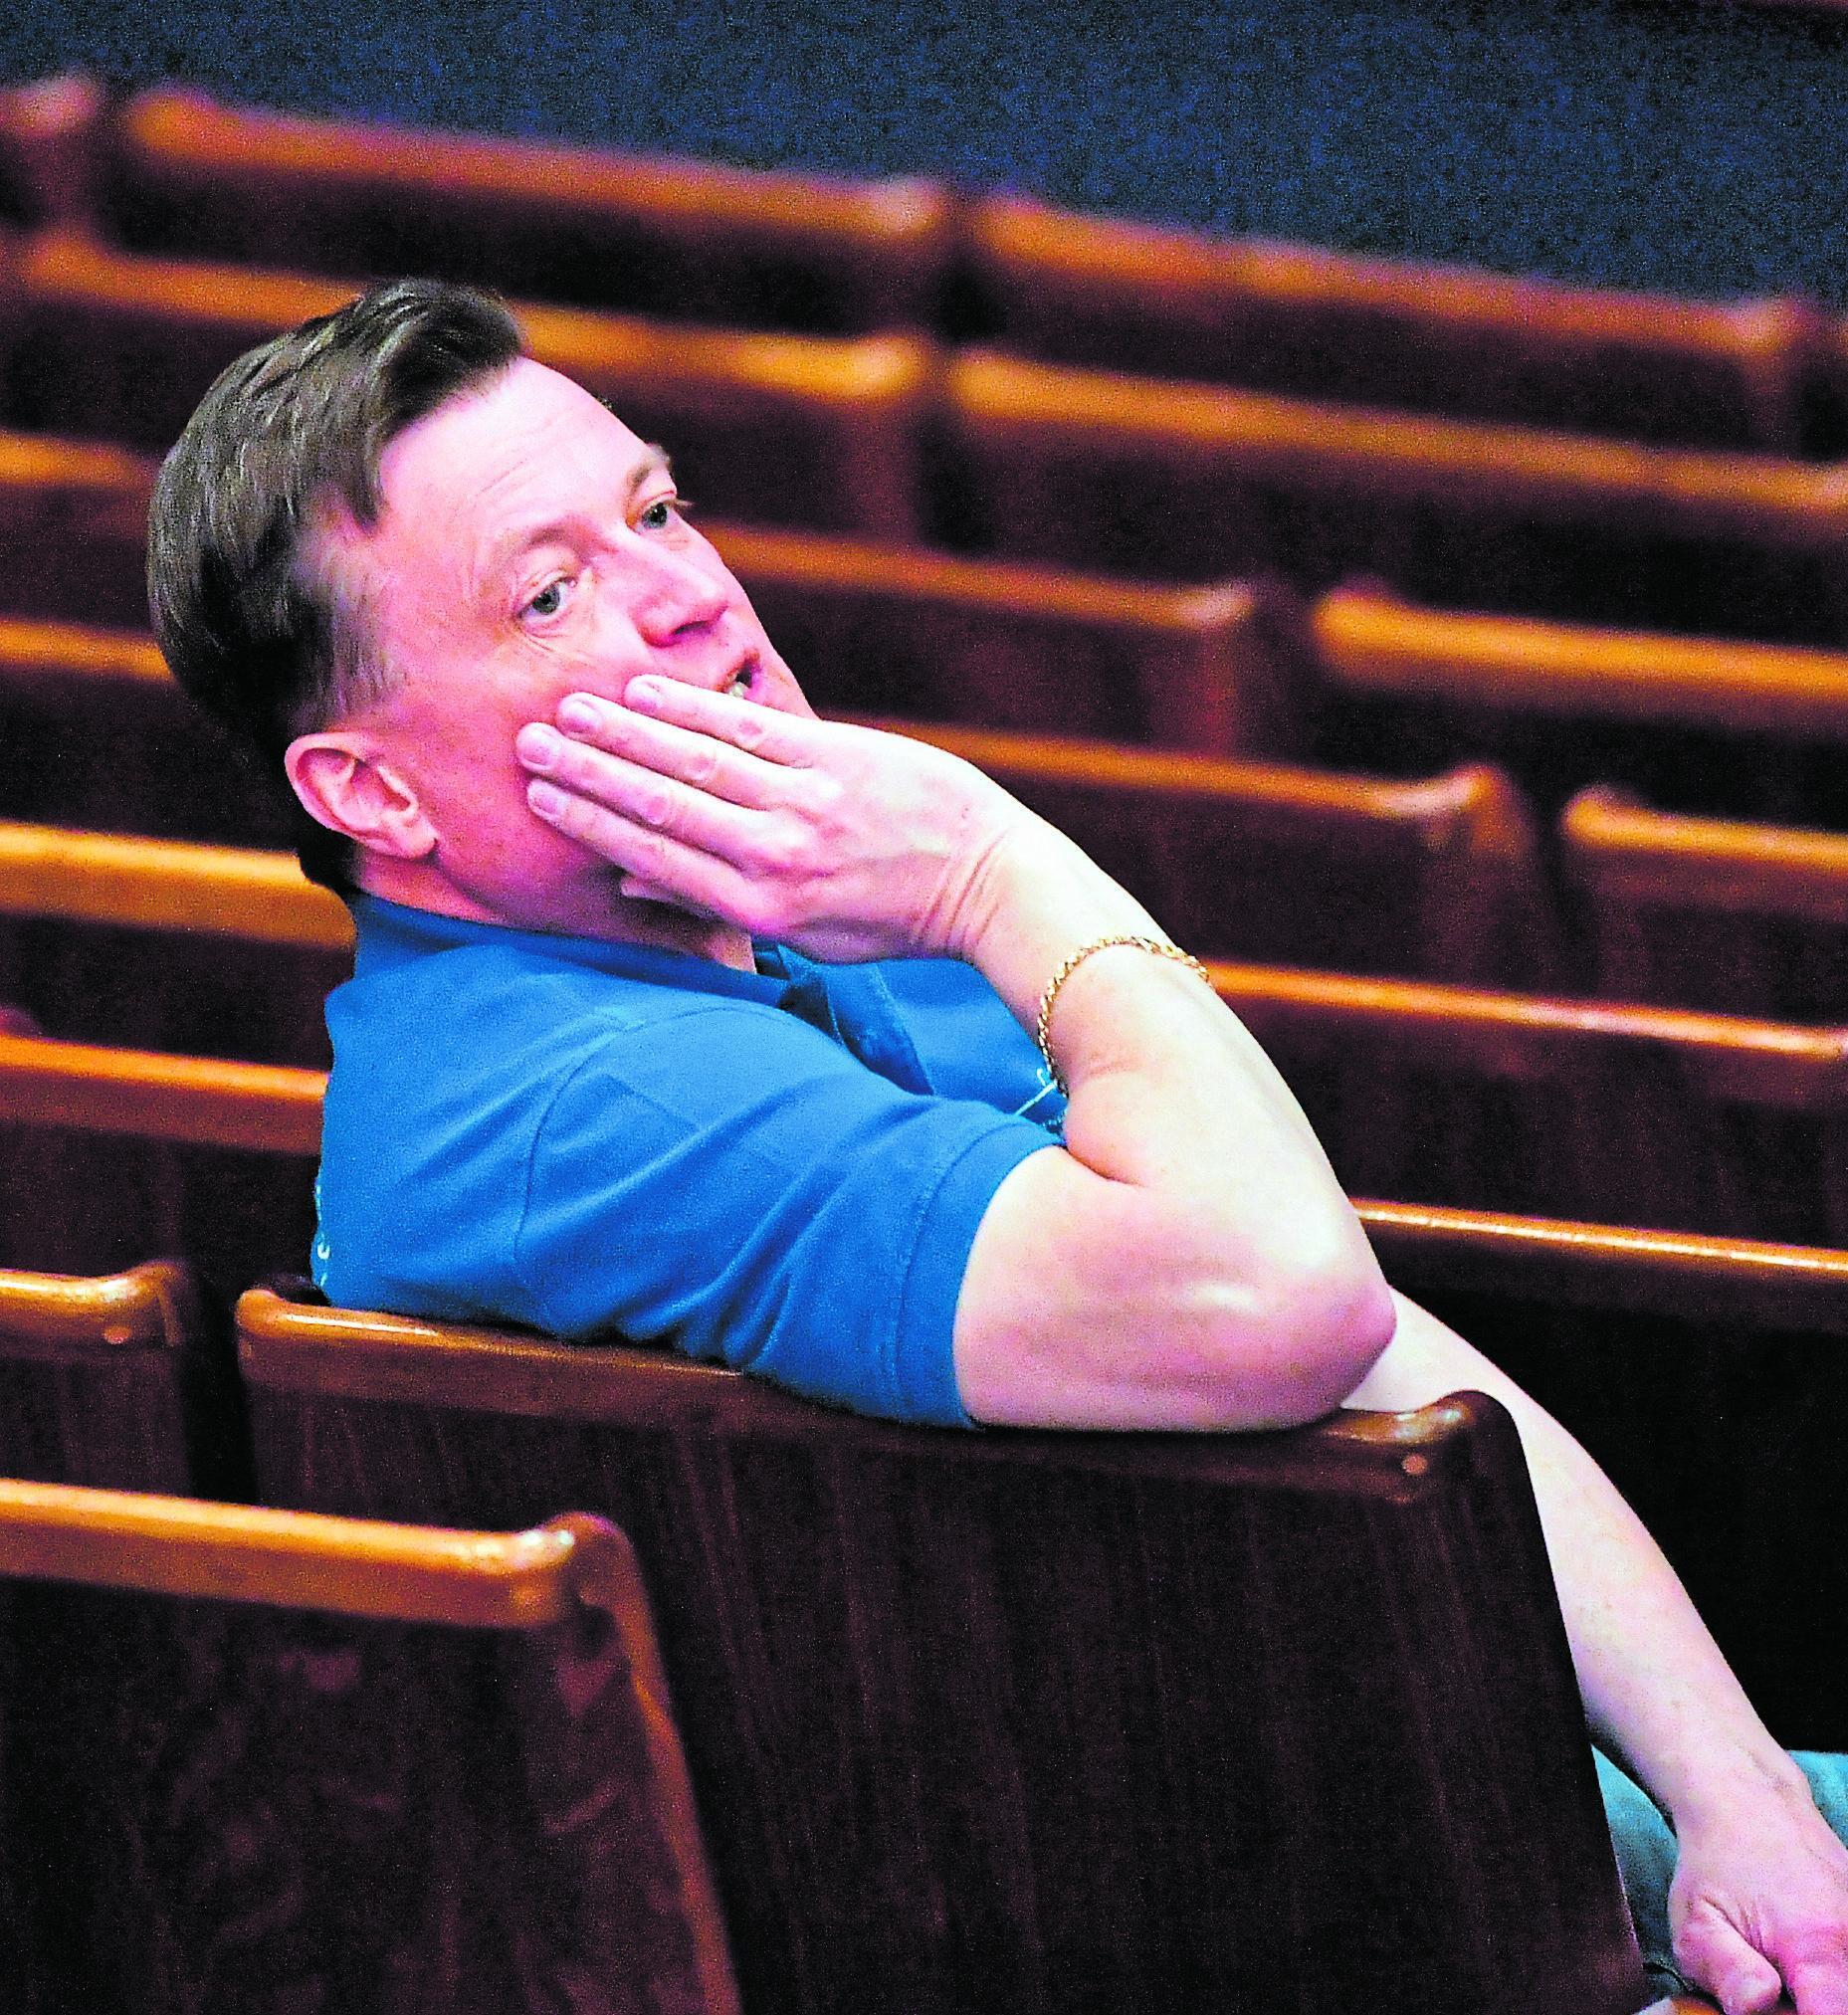 Vertrag von Dirigent Thielemann wird in Dresden nicht verlängert